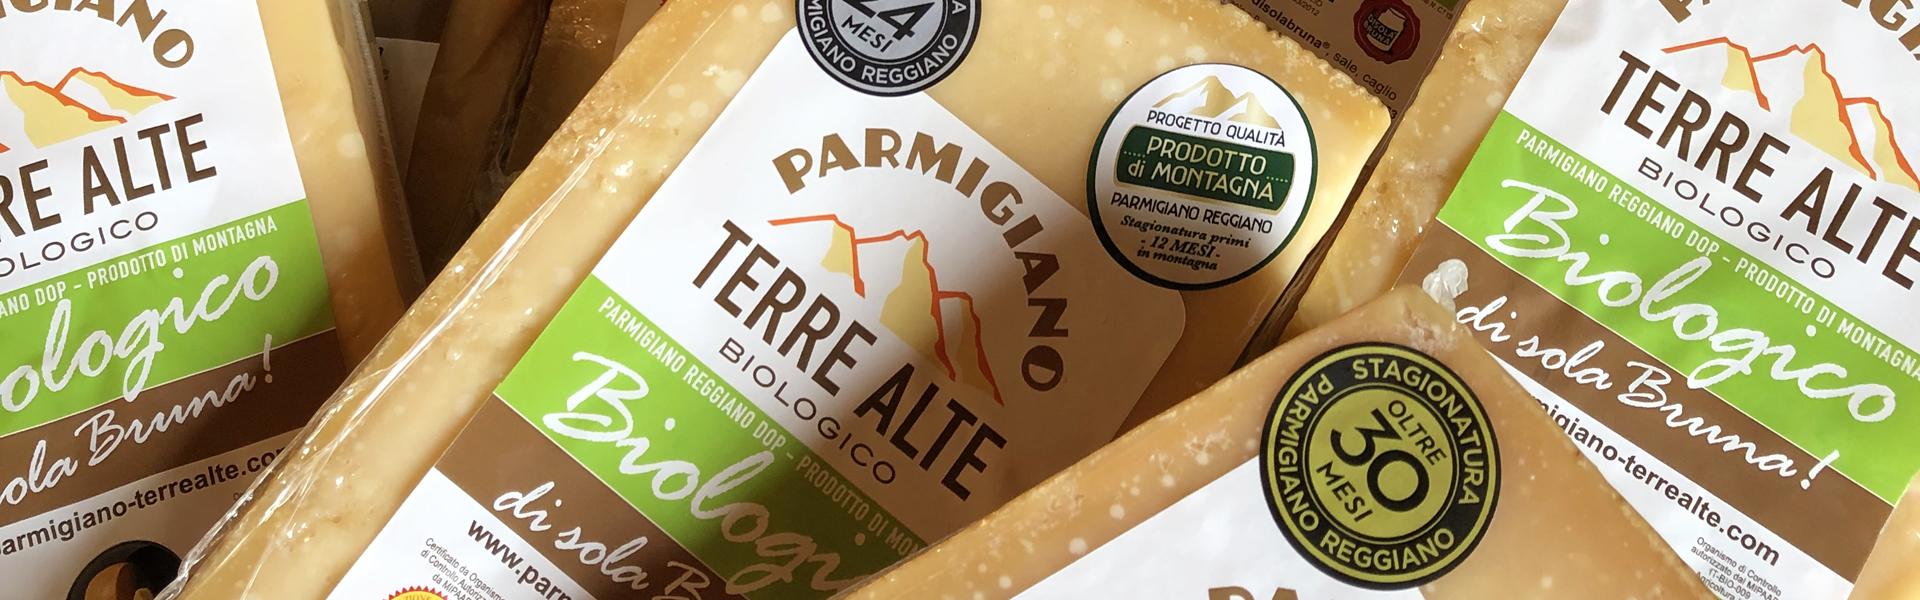 Prodotti Parmigiano Terre Alte